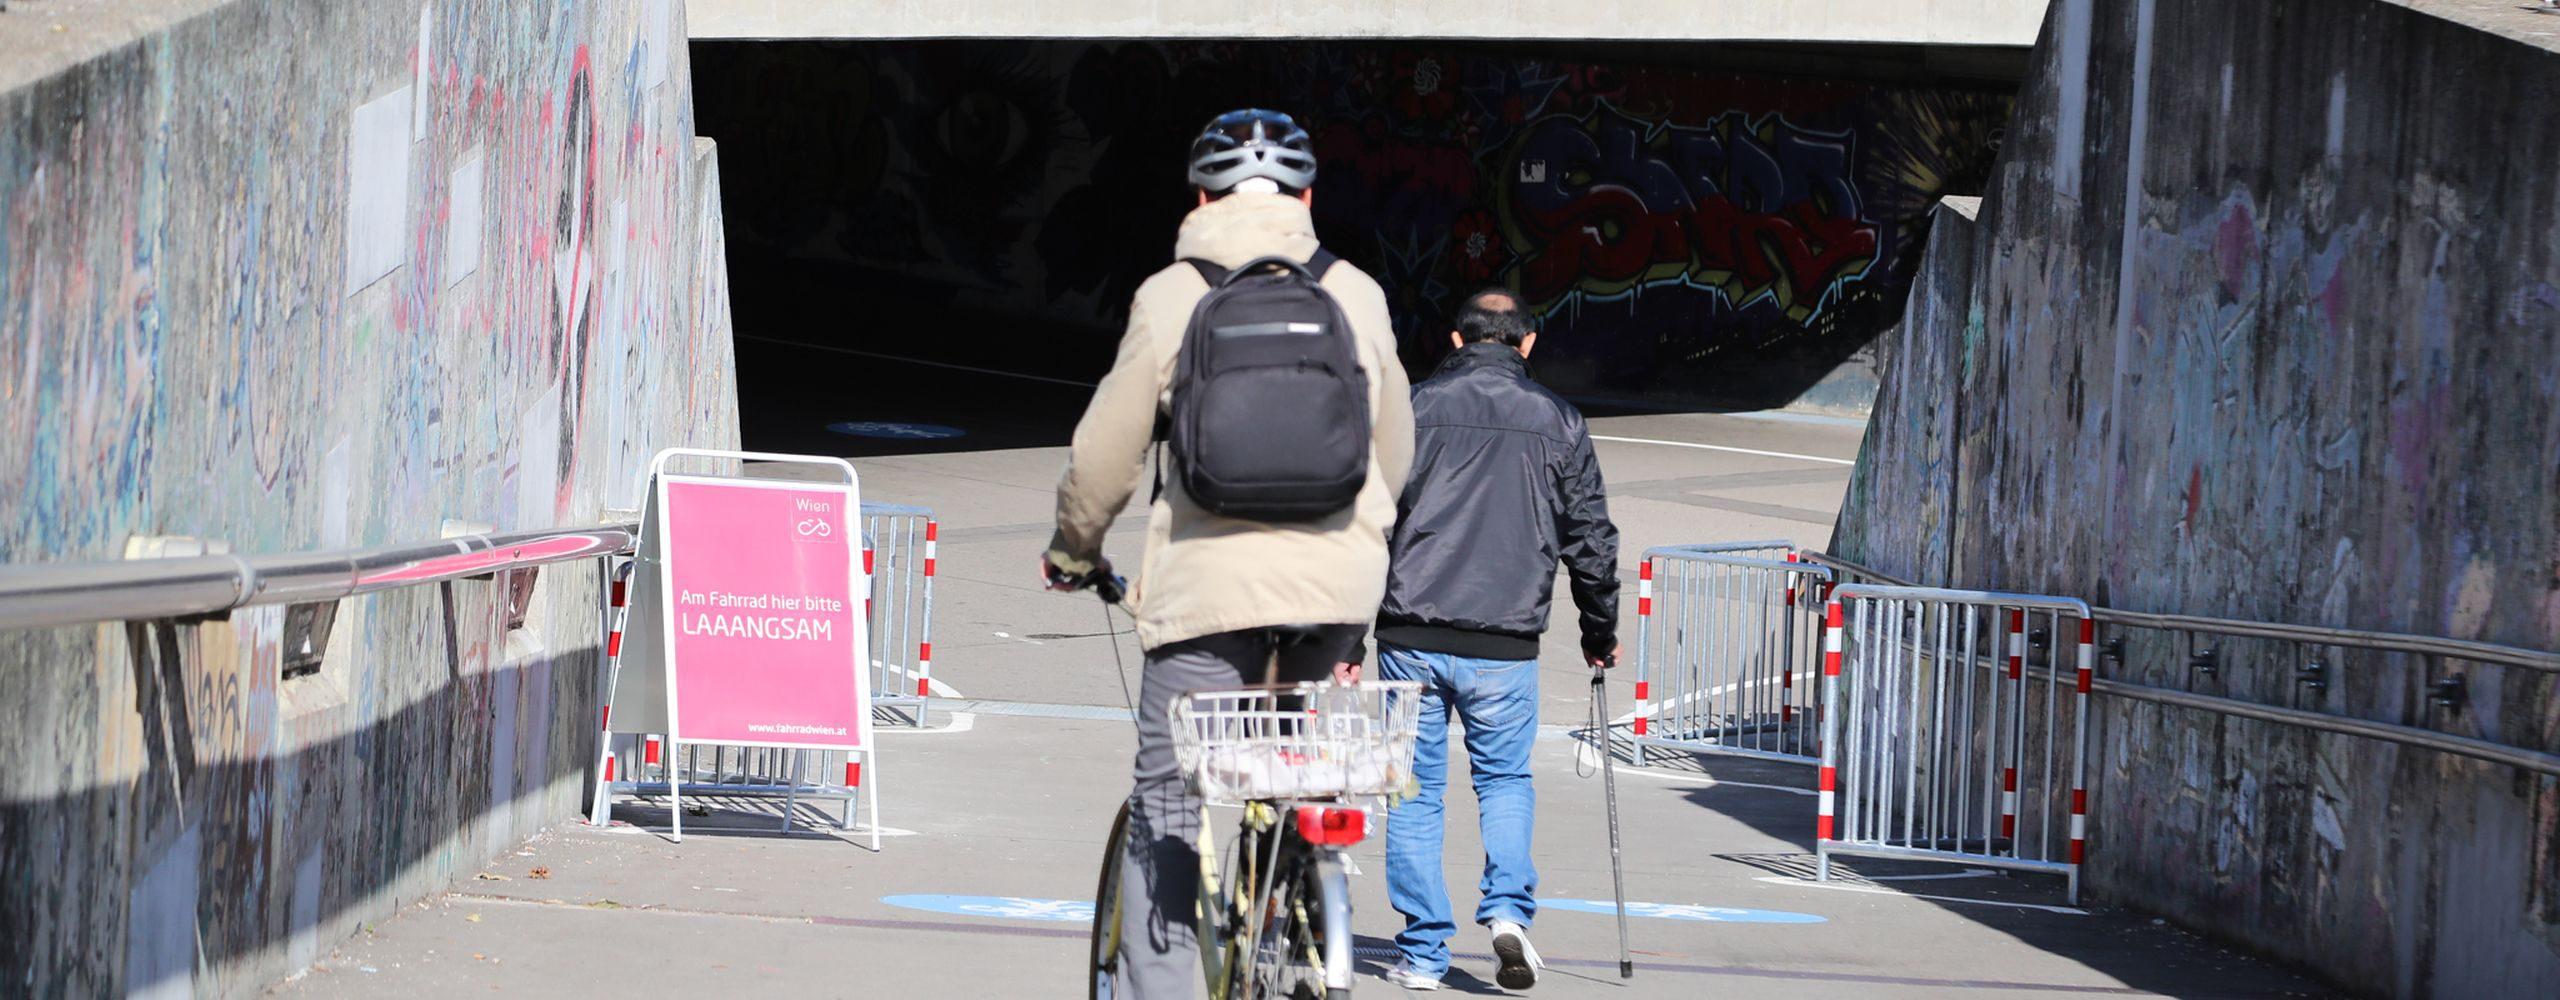 In der Unterführung Friedrich-Engels-Platz darf seit Oktober 2018 auch Radgefahren werden. Fahrrad Wien machte darauf aufmerksam, dass es gilt langsam und rücksichtsvoll unterwegs zu sein. Foto: Christian Fürthner